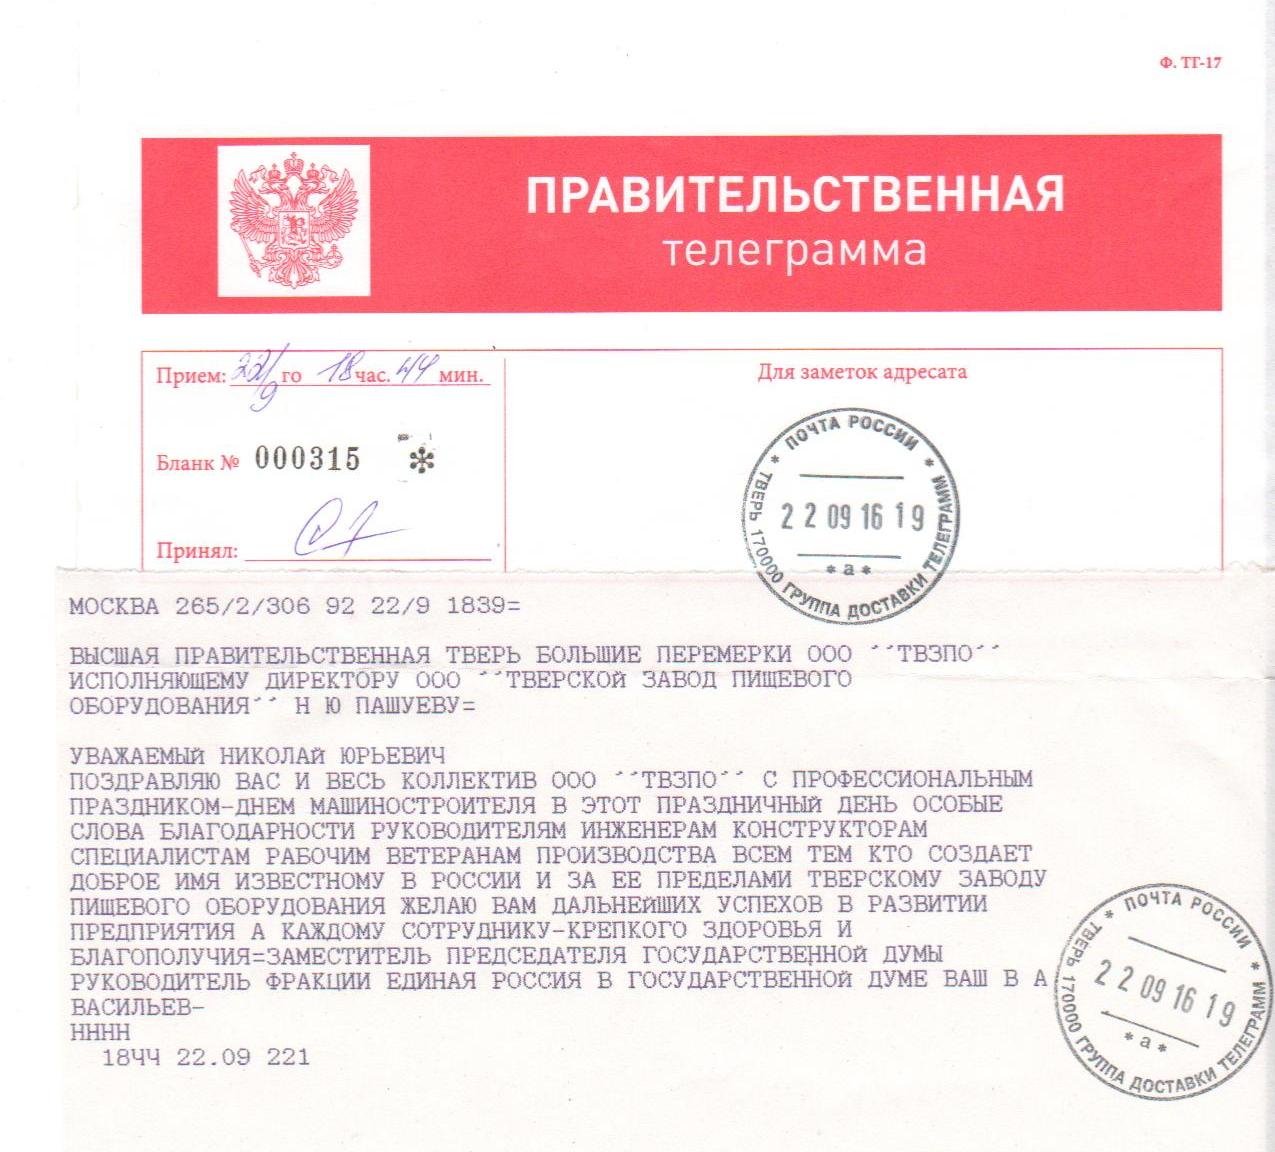 Поздравление ТвЗПО от Зам. председателя Госдумы Васильева В.А.